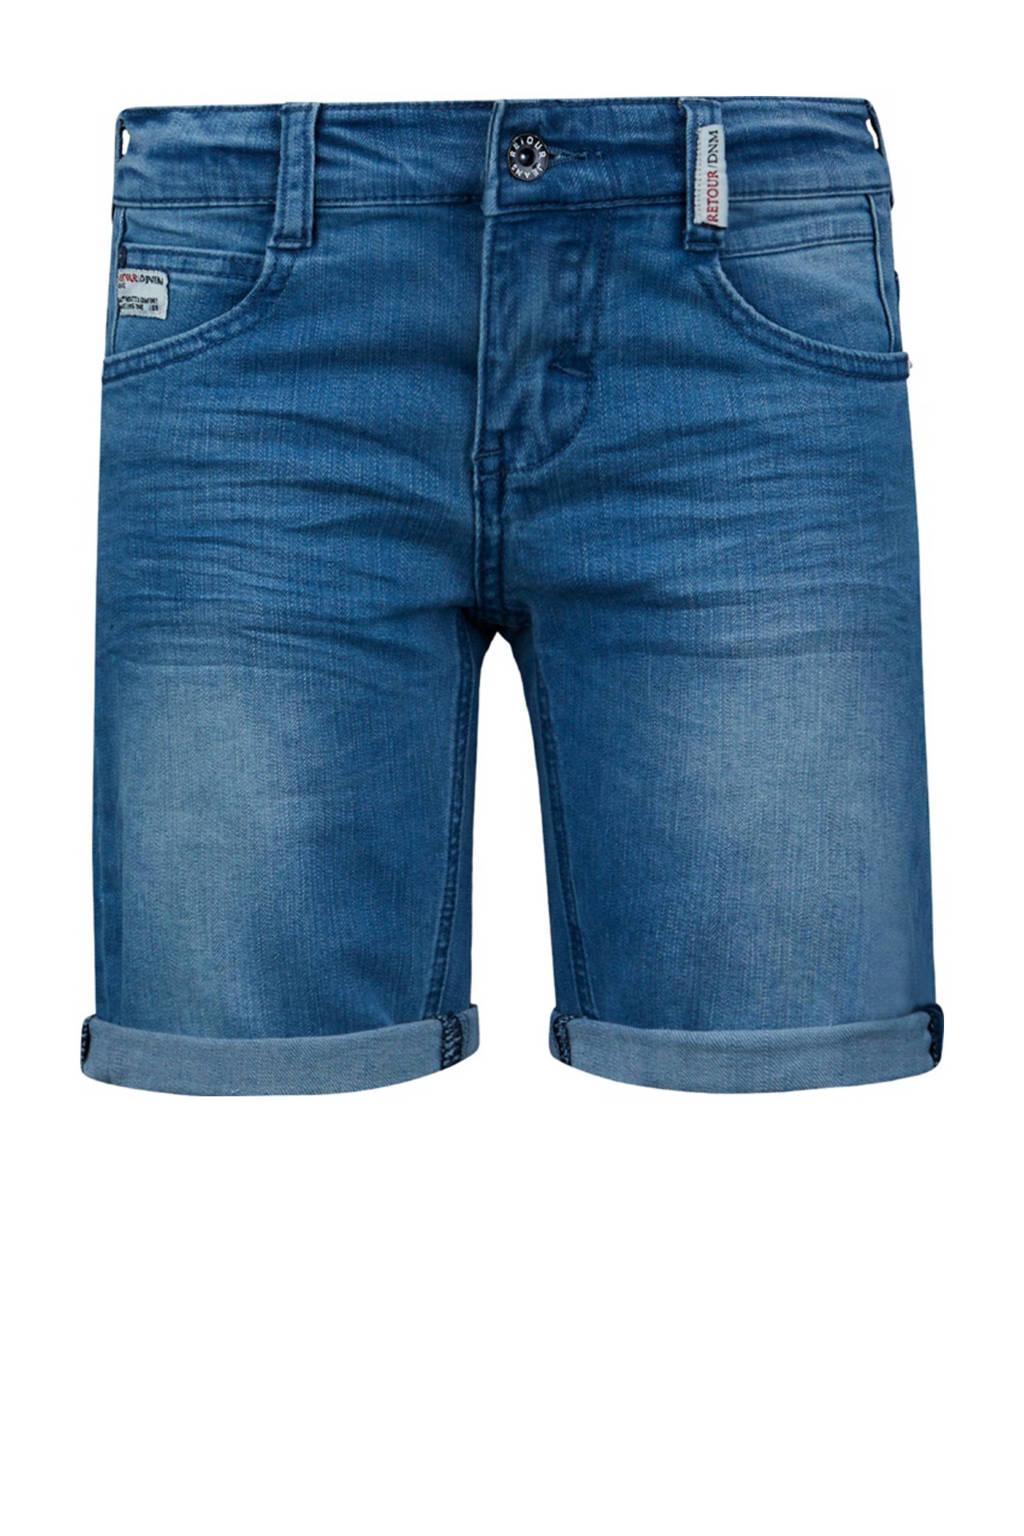 Retour Denim slim fit jeans bermuda Elan light blue denim, Light blue denim